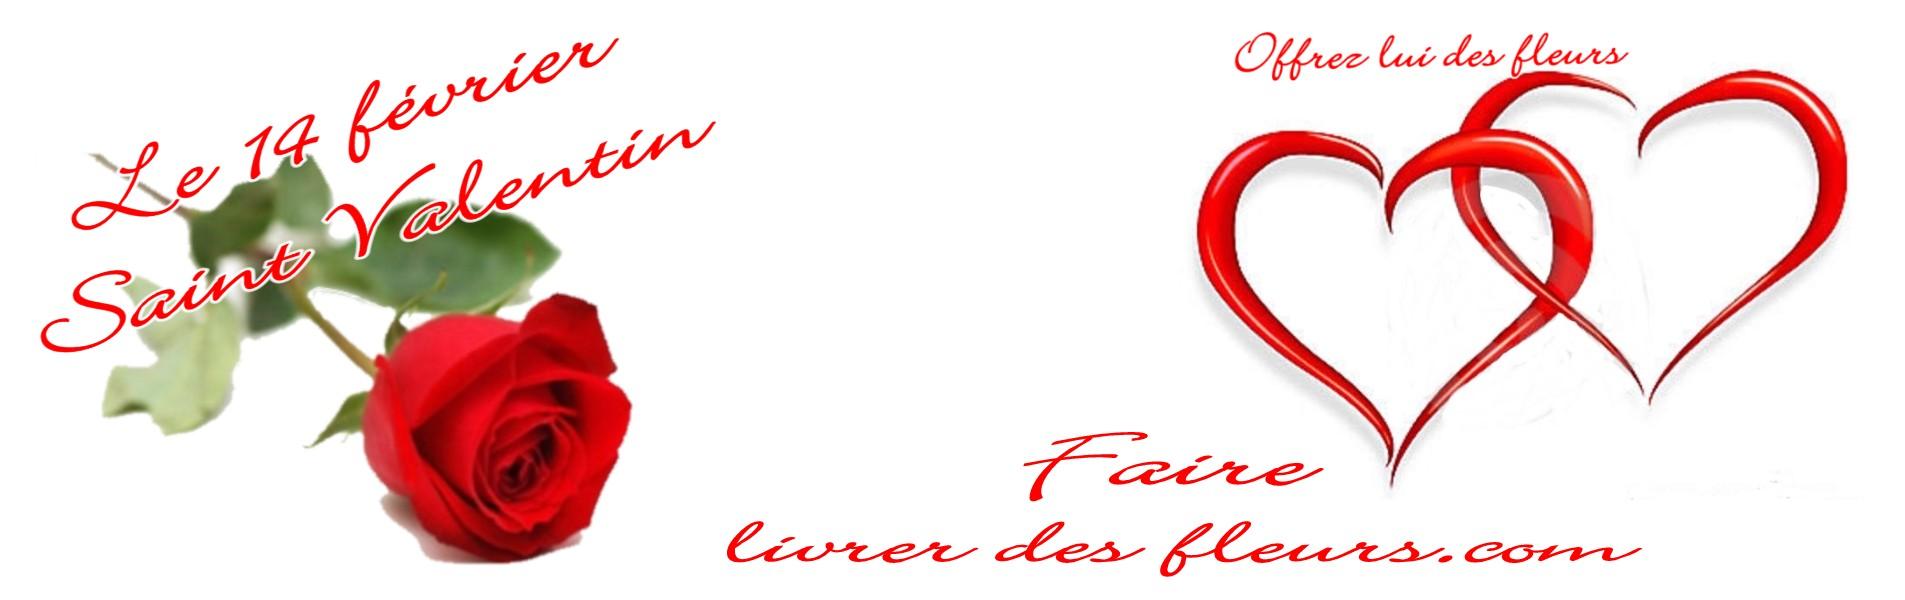 LIVRAISON FLEURS SAINT VALENTIN